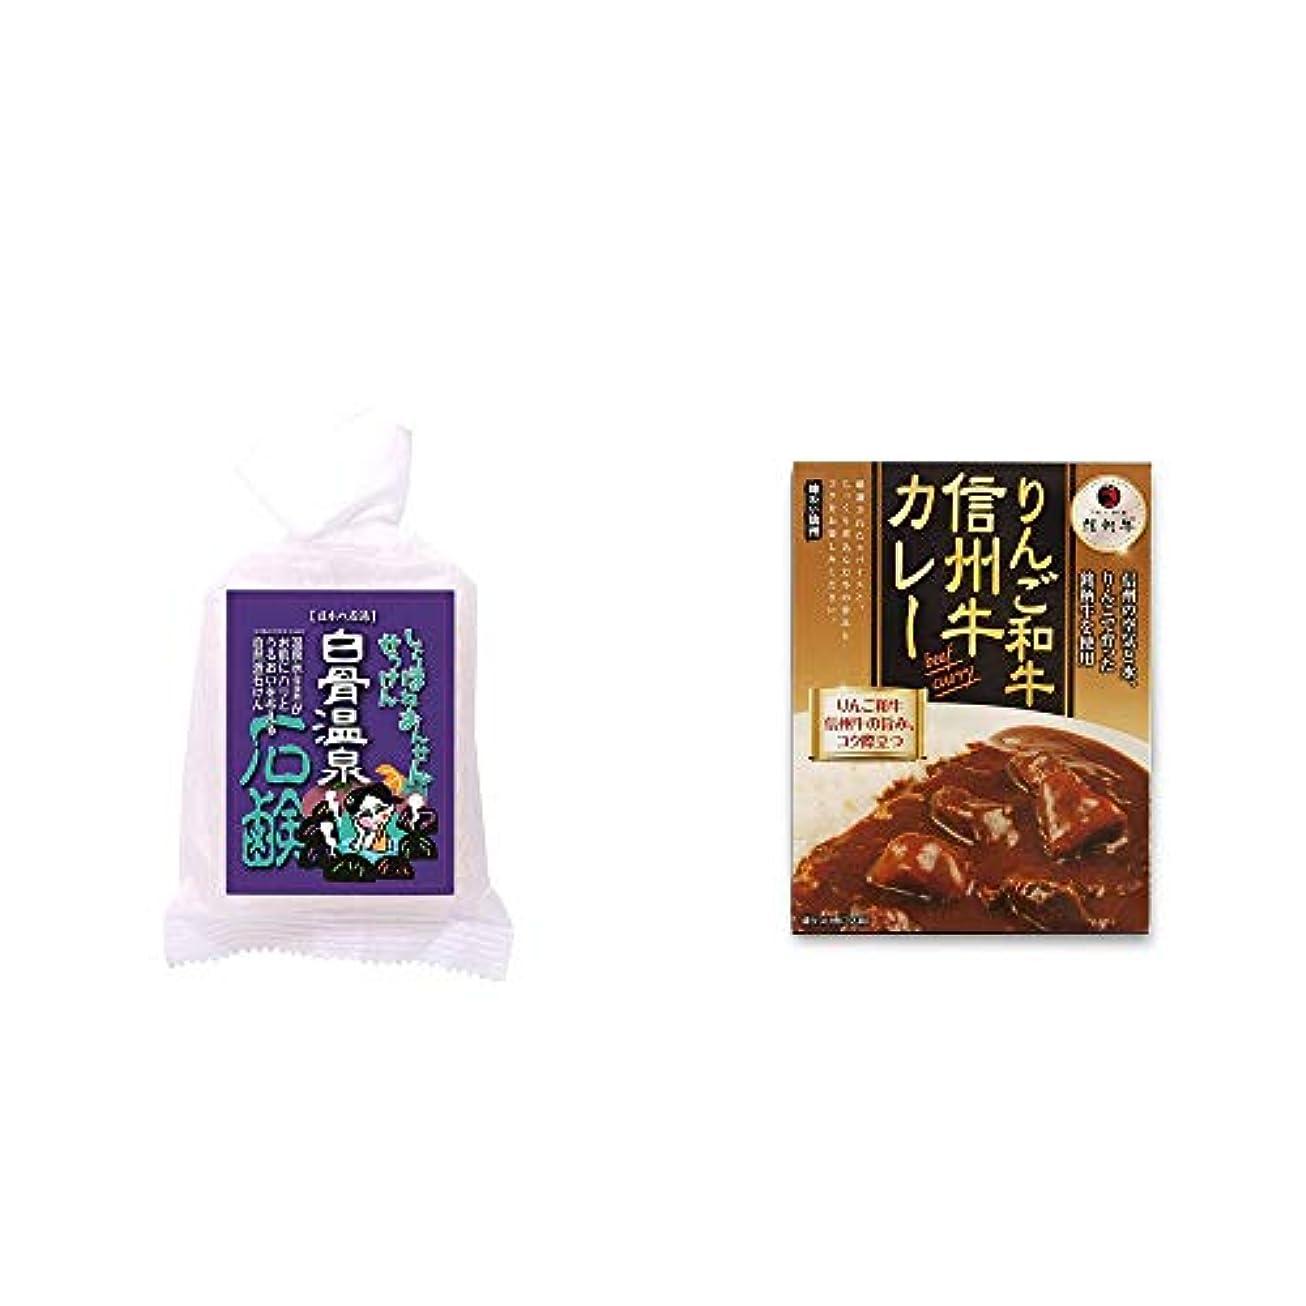 通訳マントはっきりしない[2点セット] 信州 白骨温泉石鹸(80g)?りんご和牛 信州牛カレー(1食分)